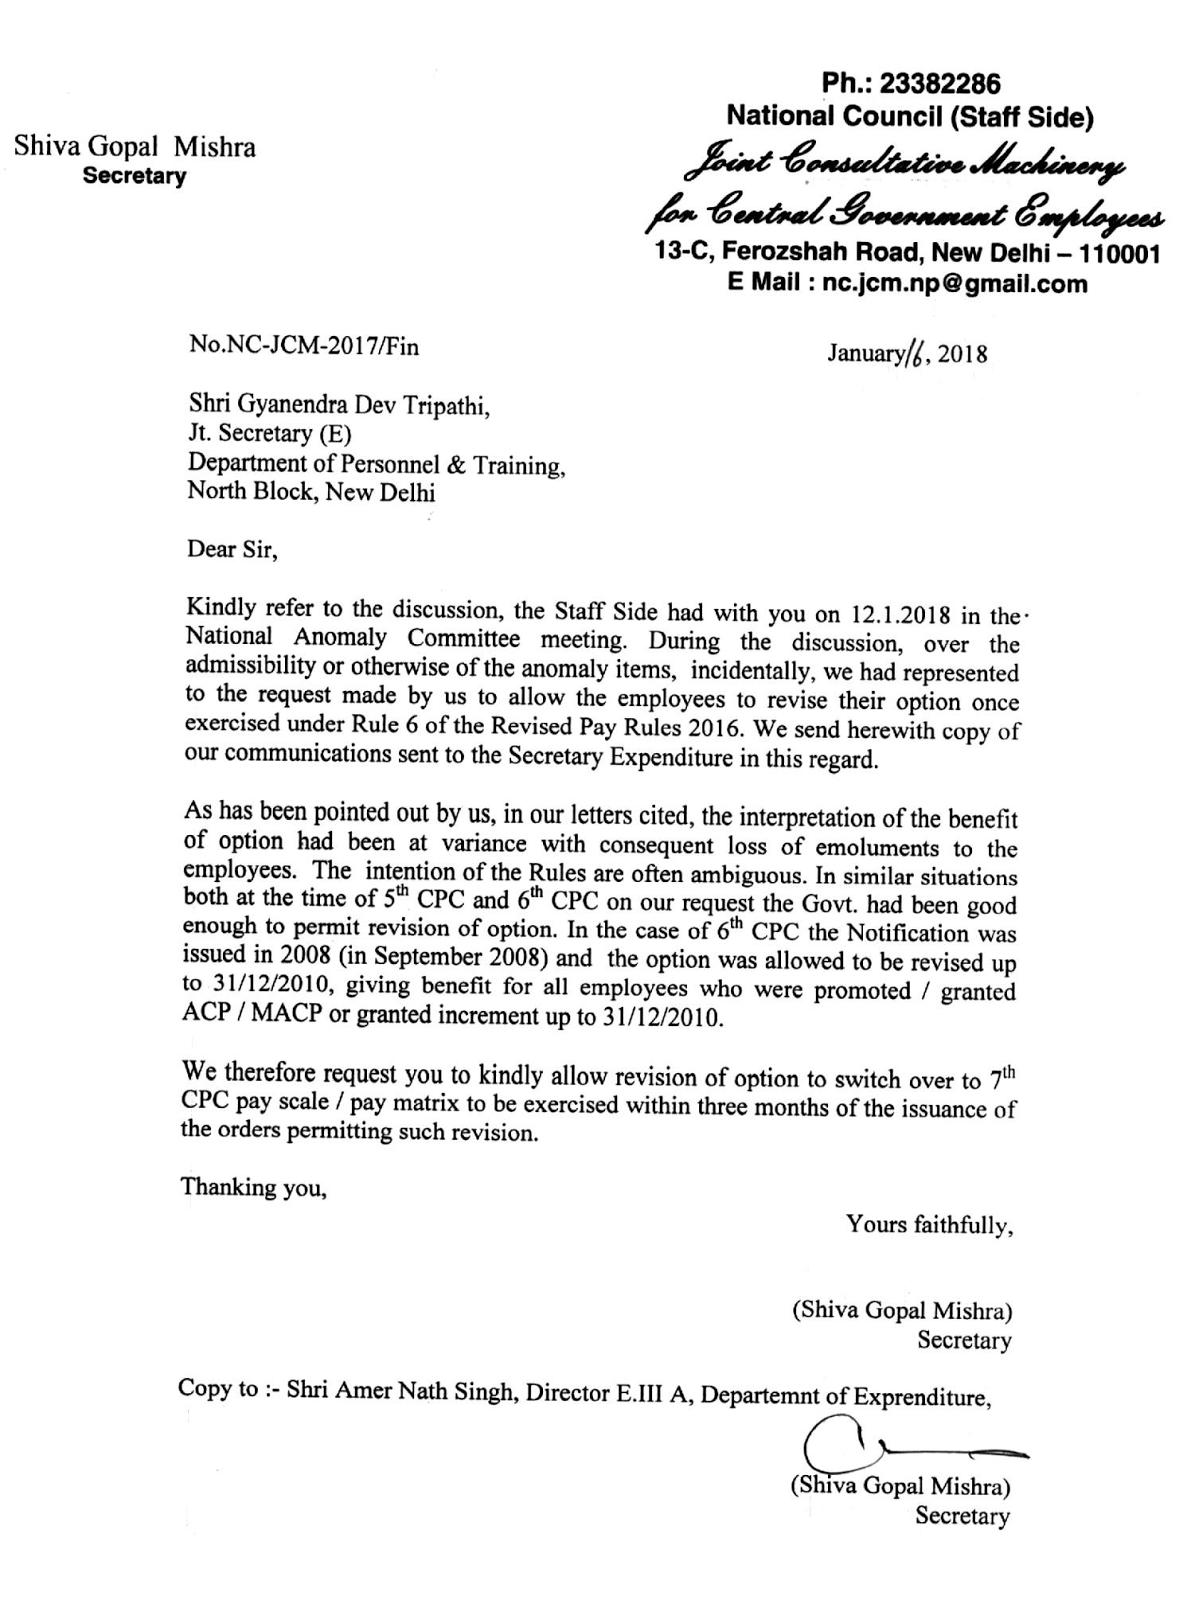 NCJCM Letter